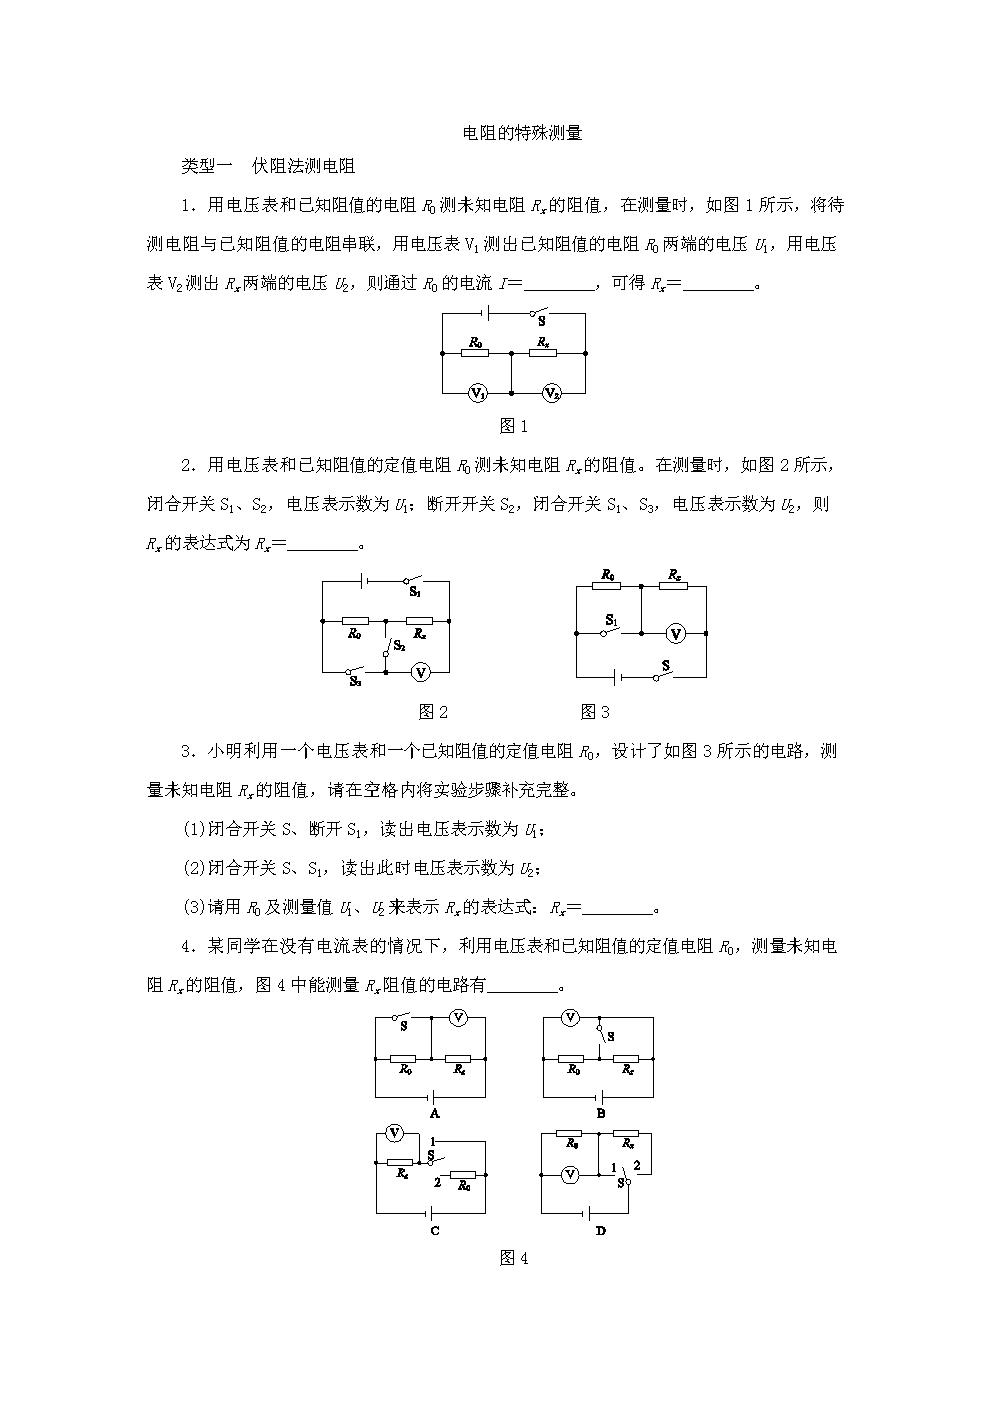 人教版九年级物理全册专题训练:电阻的特殊测量.docx